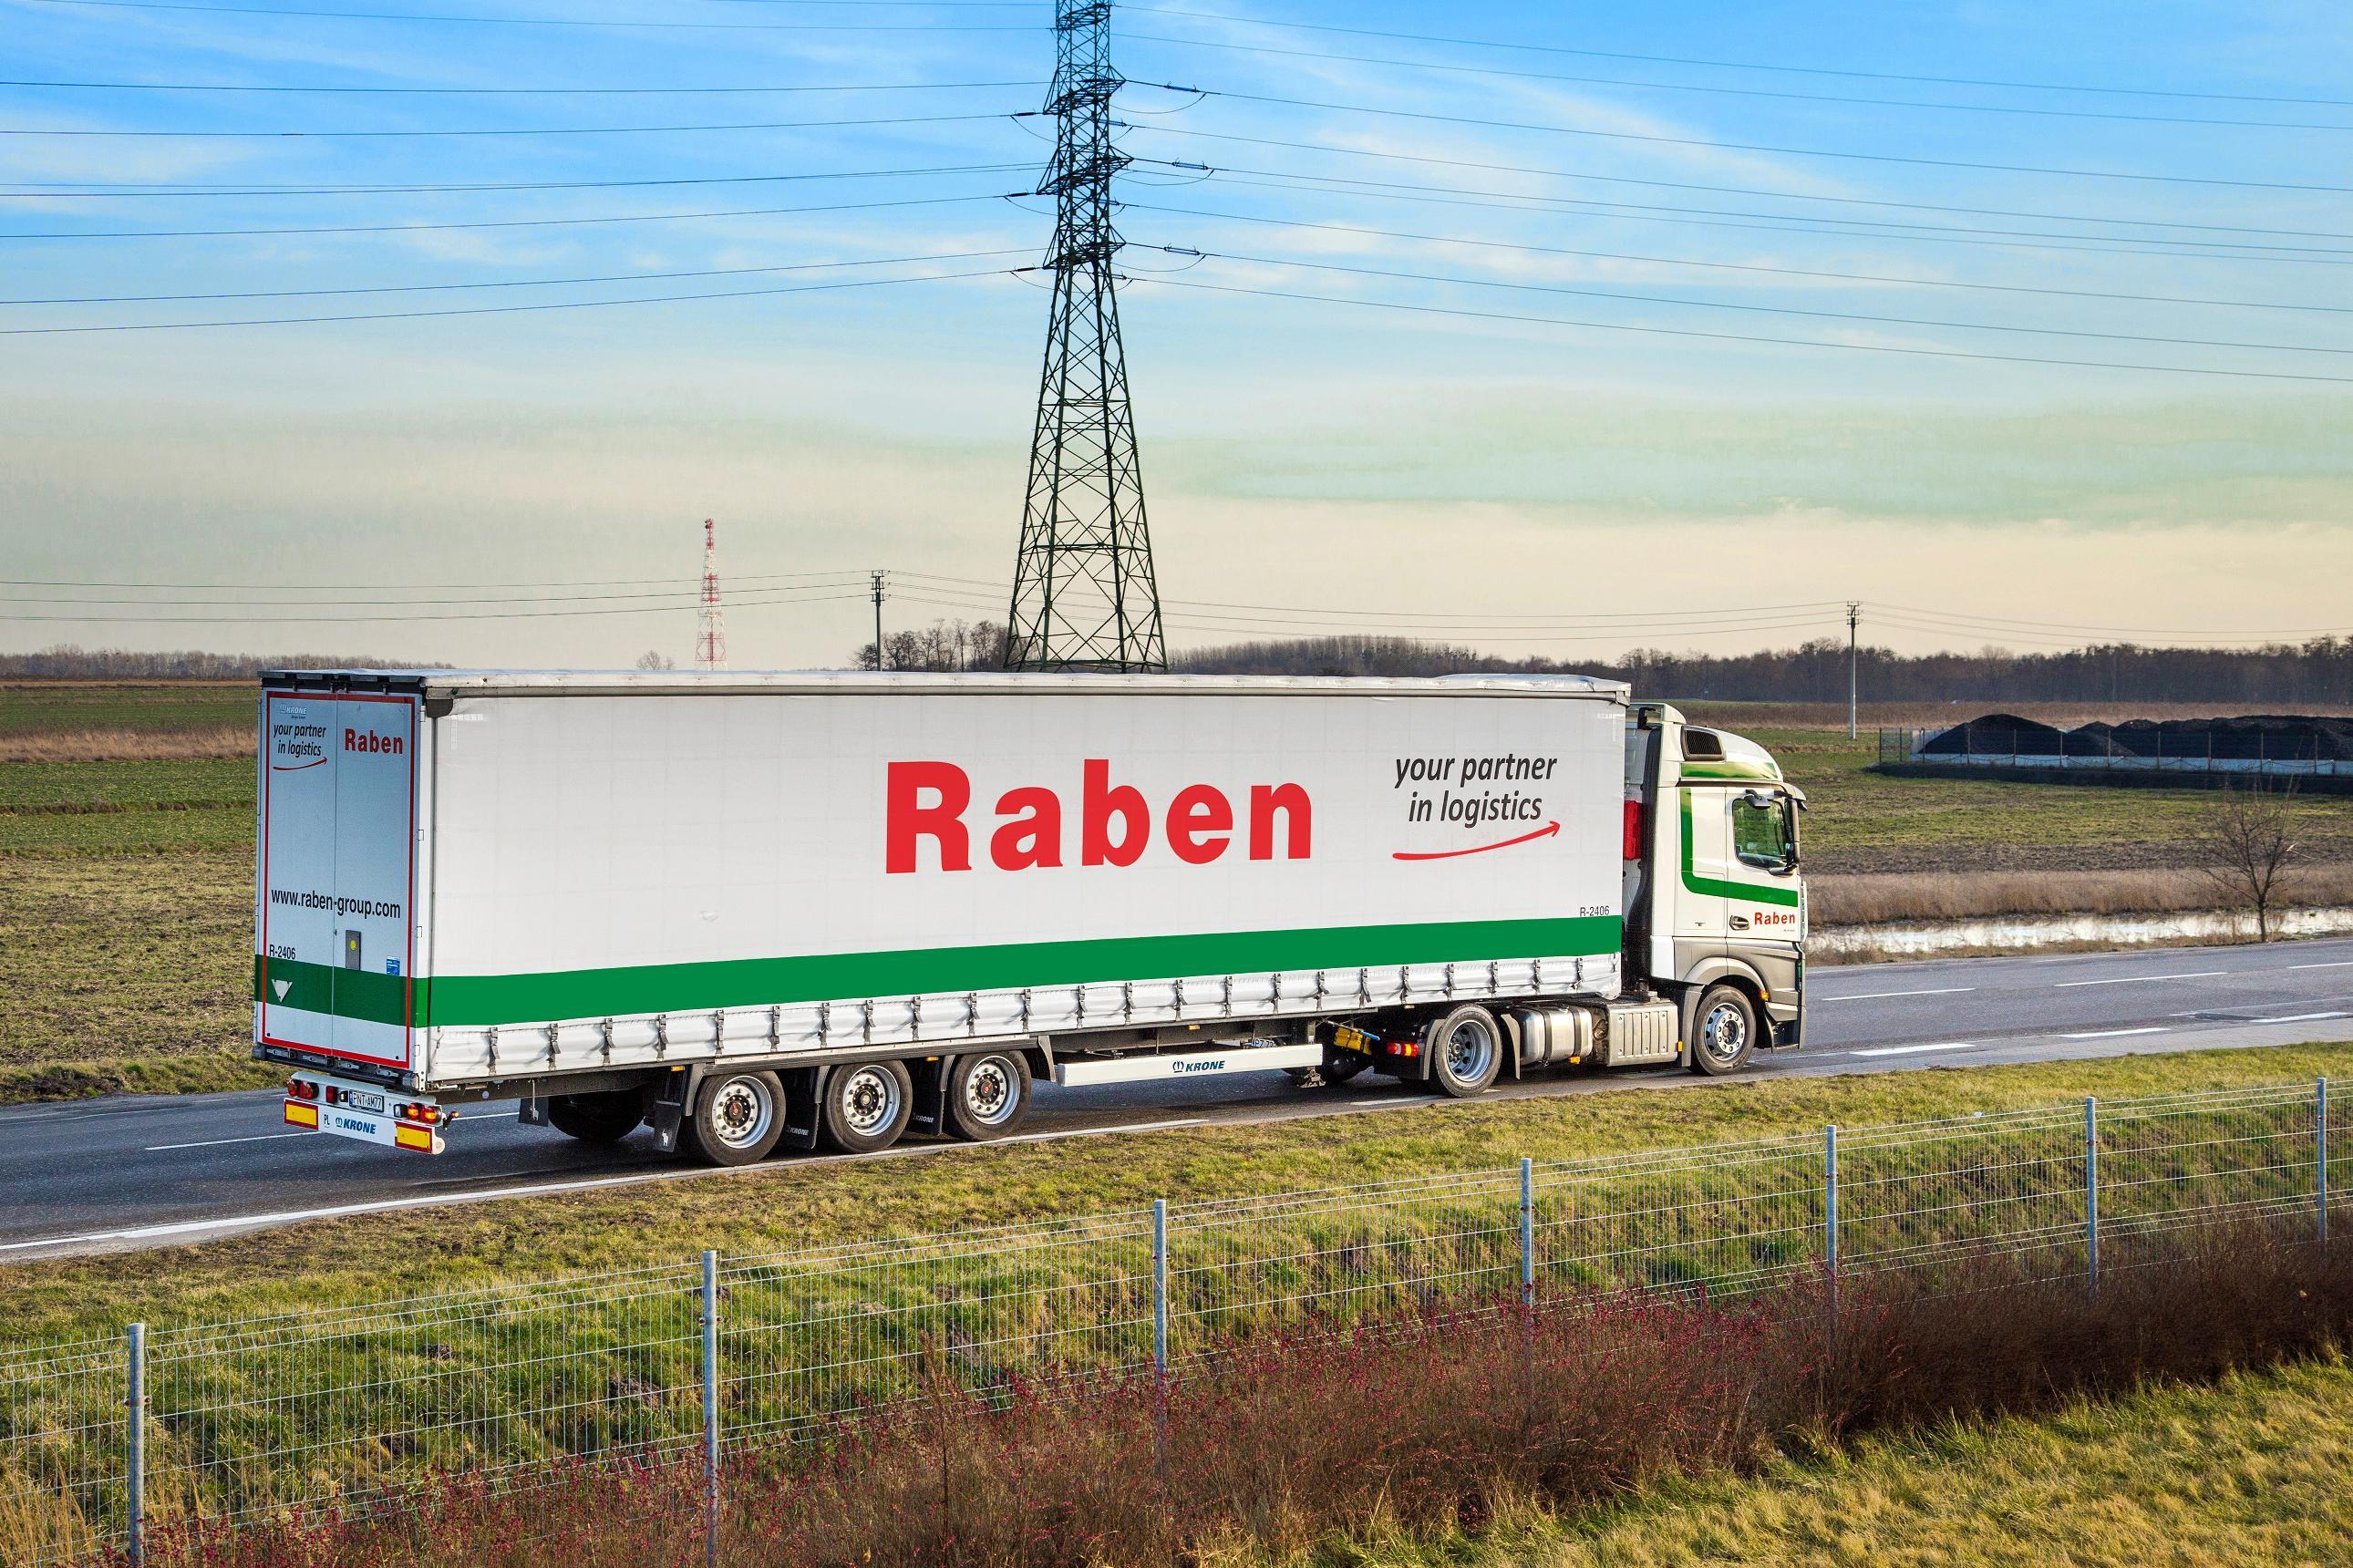 În 2020, Raben Group a înregistrat venituri de peste 1,26 miliarde de euro